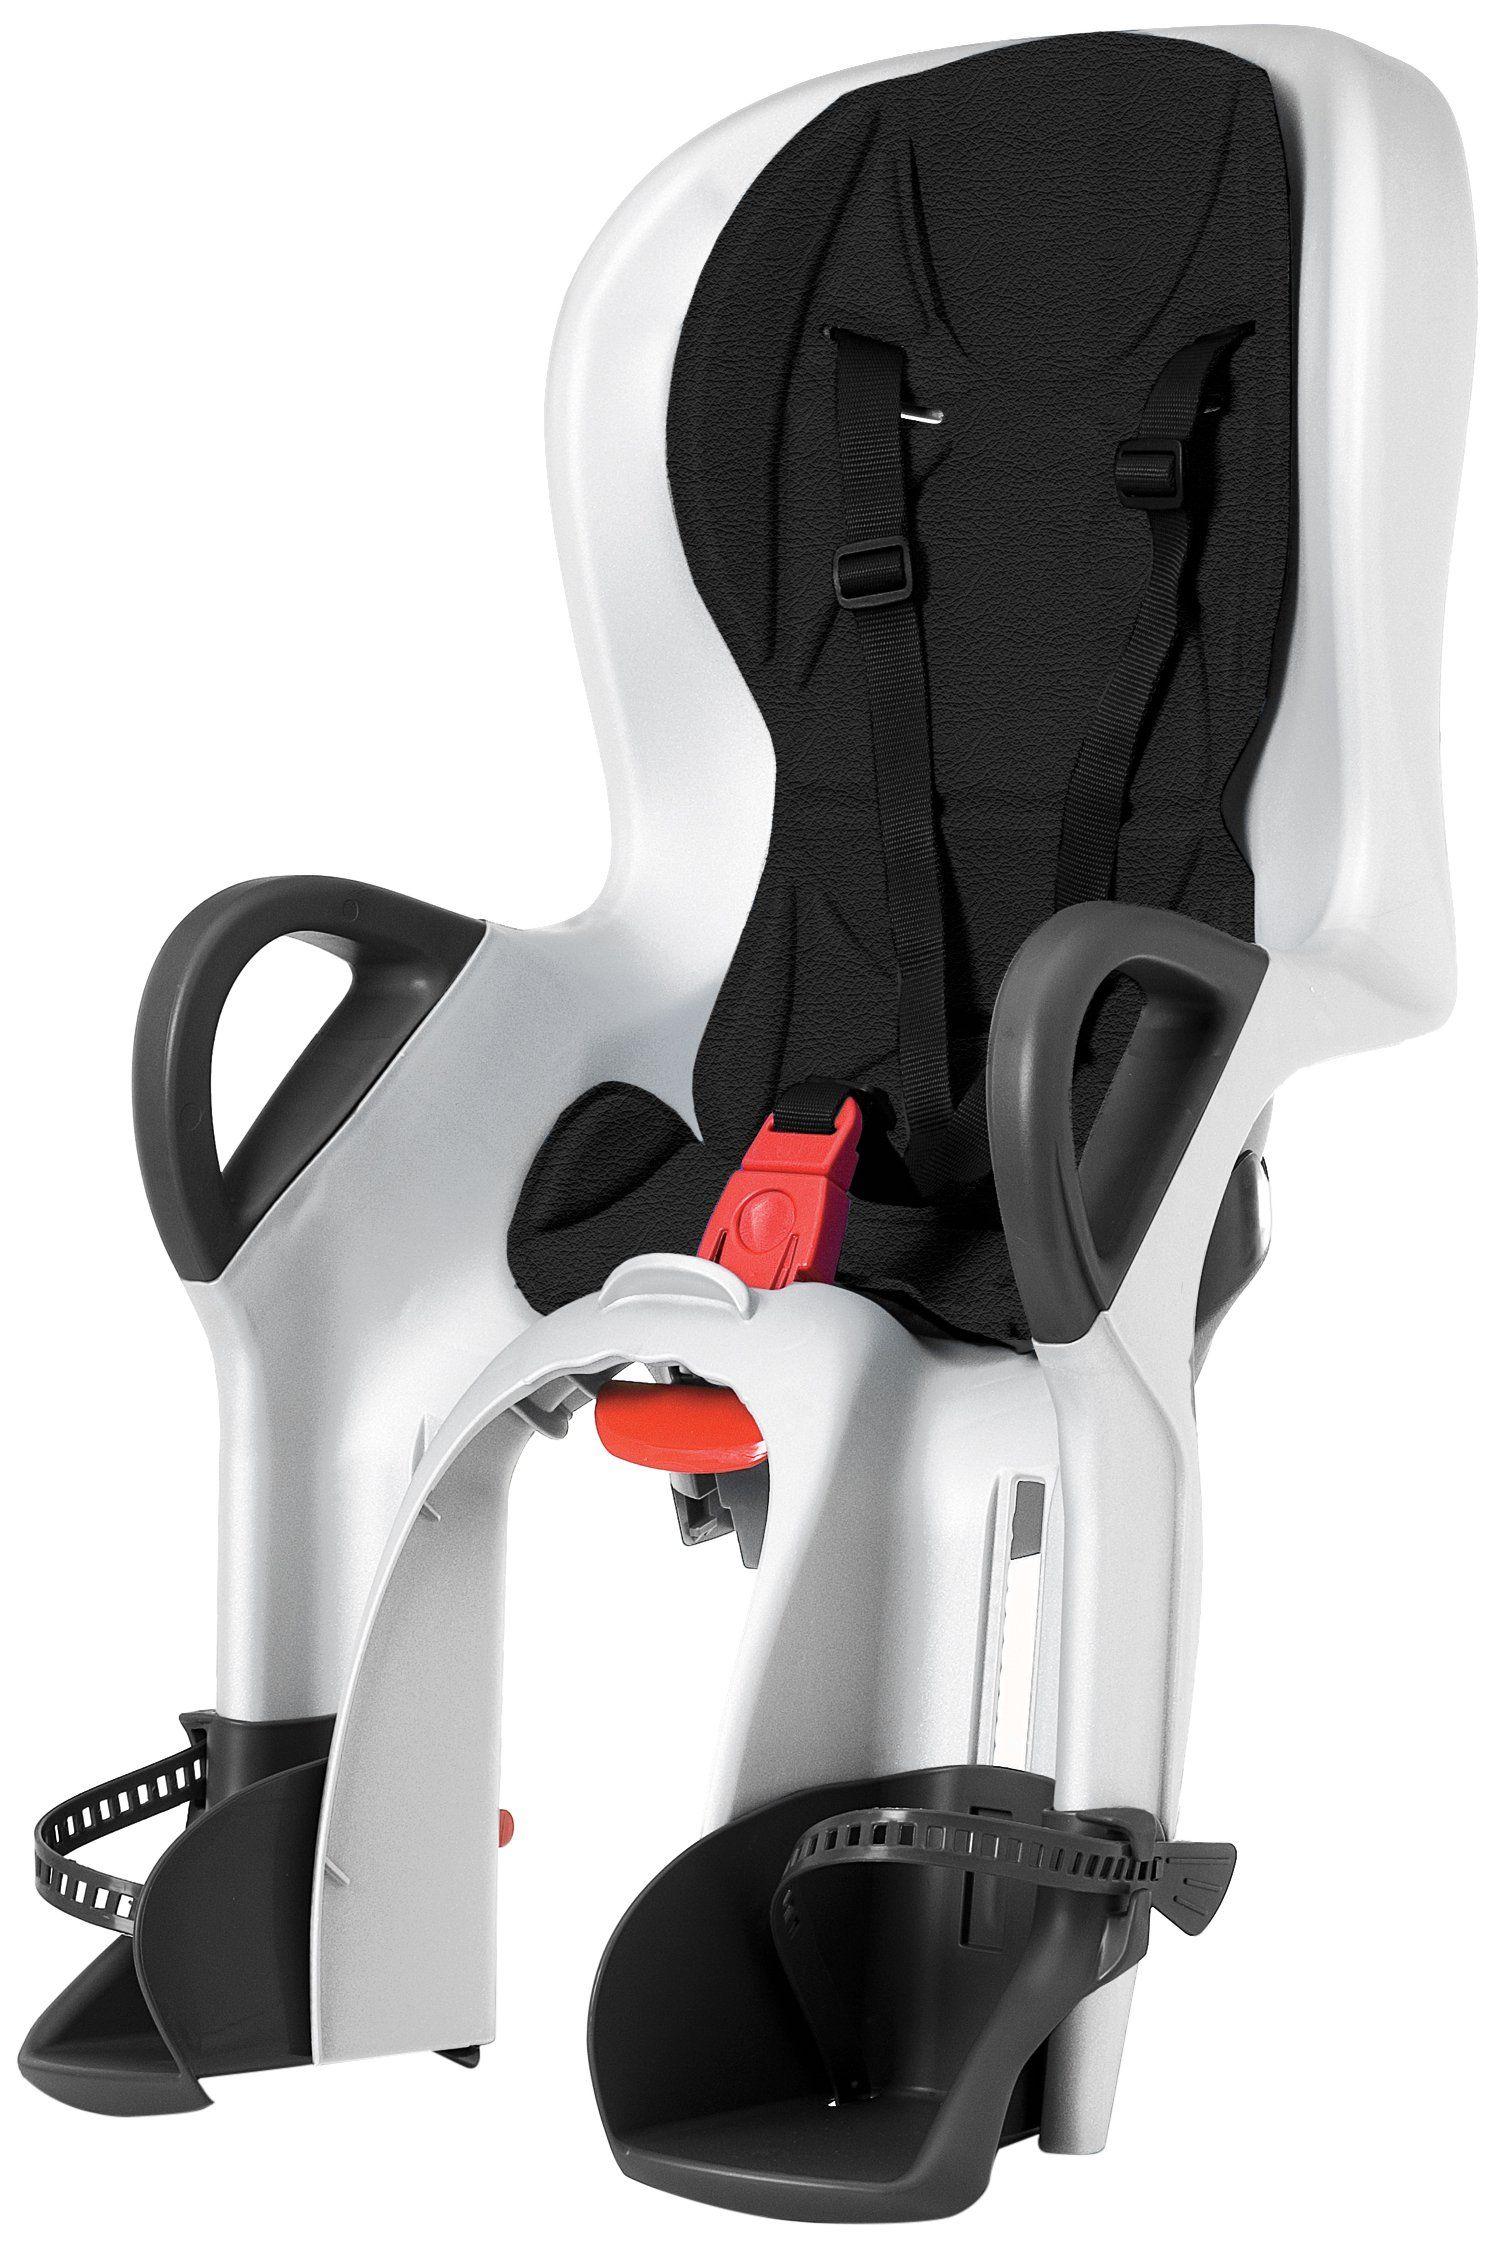 Peg Perego 10+ Black/White Rear Mount Child Seat. For